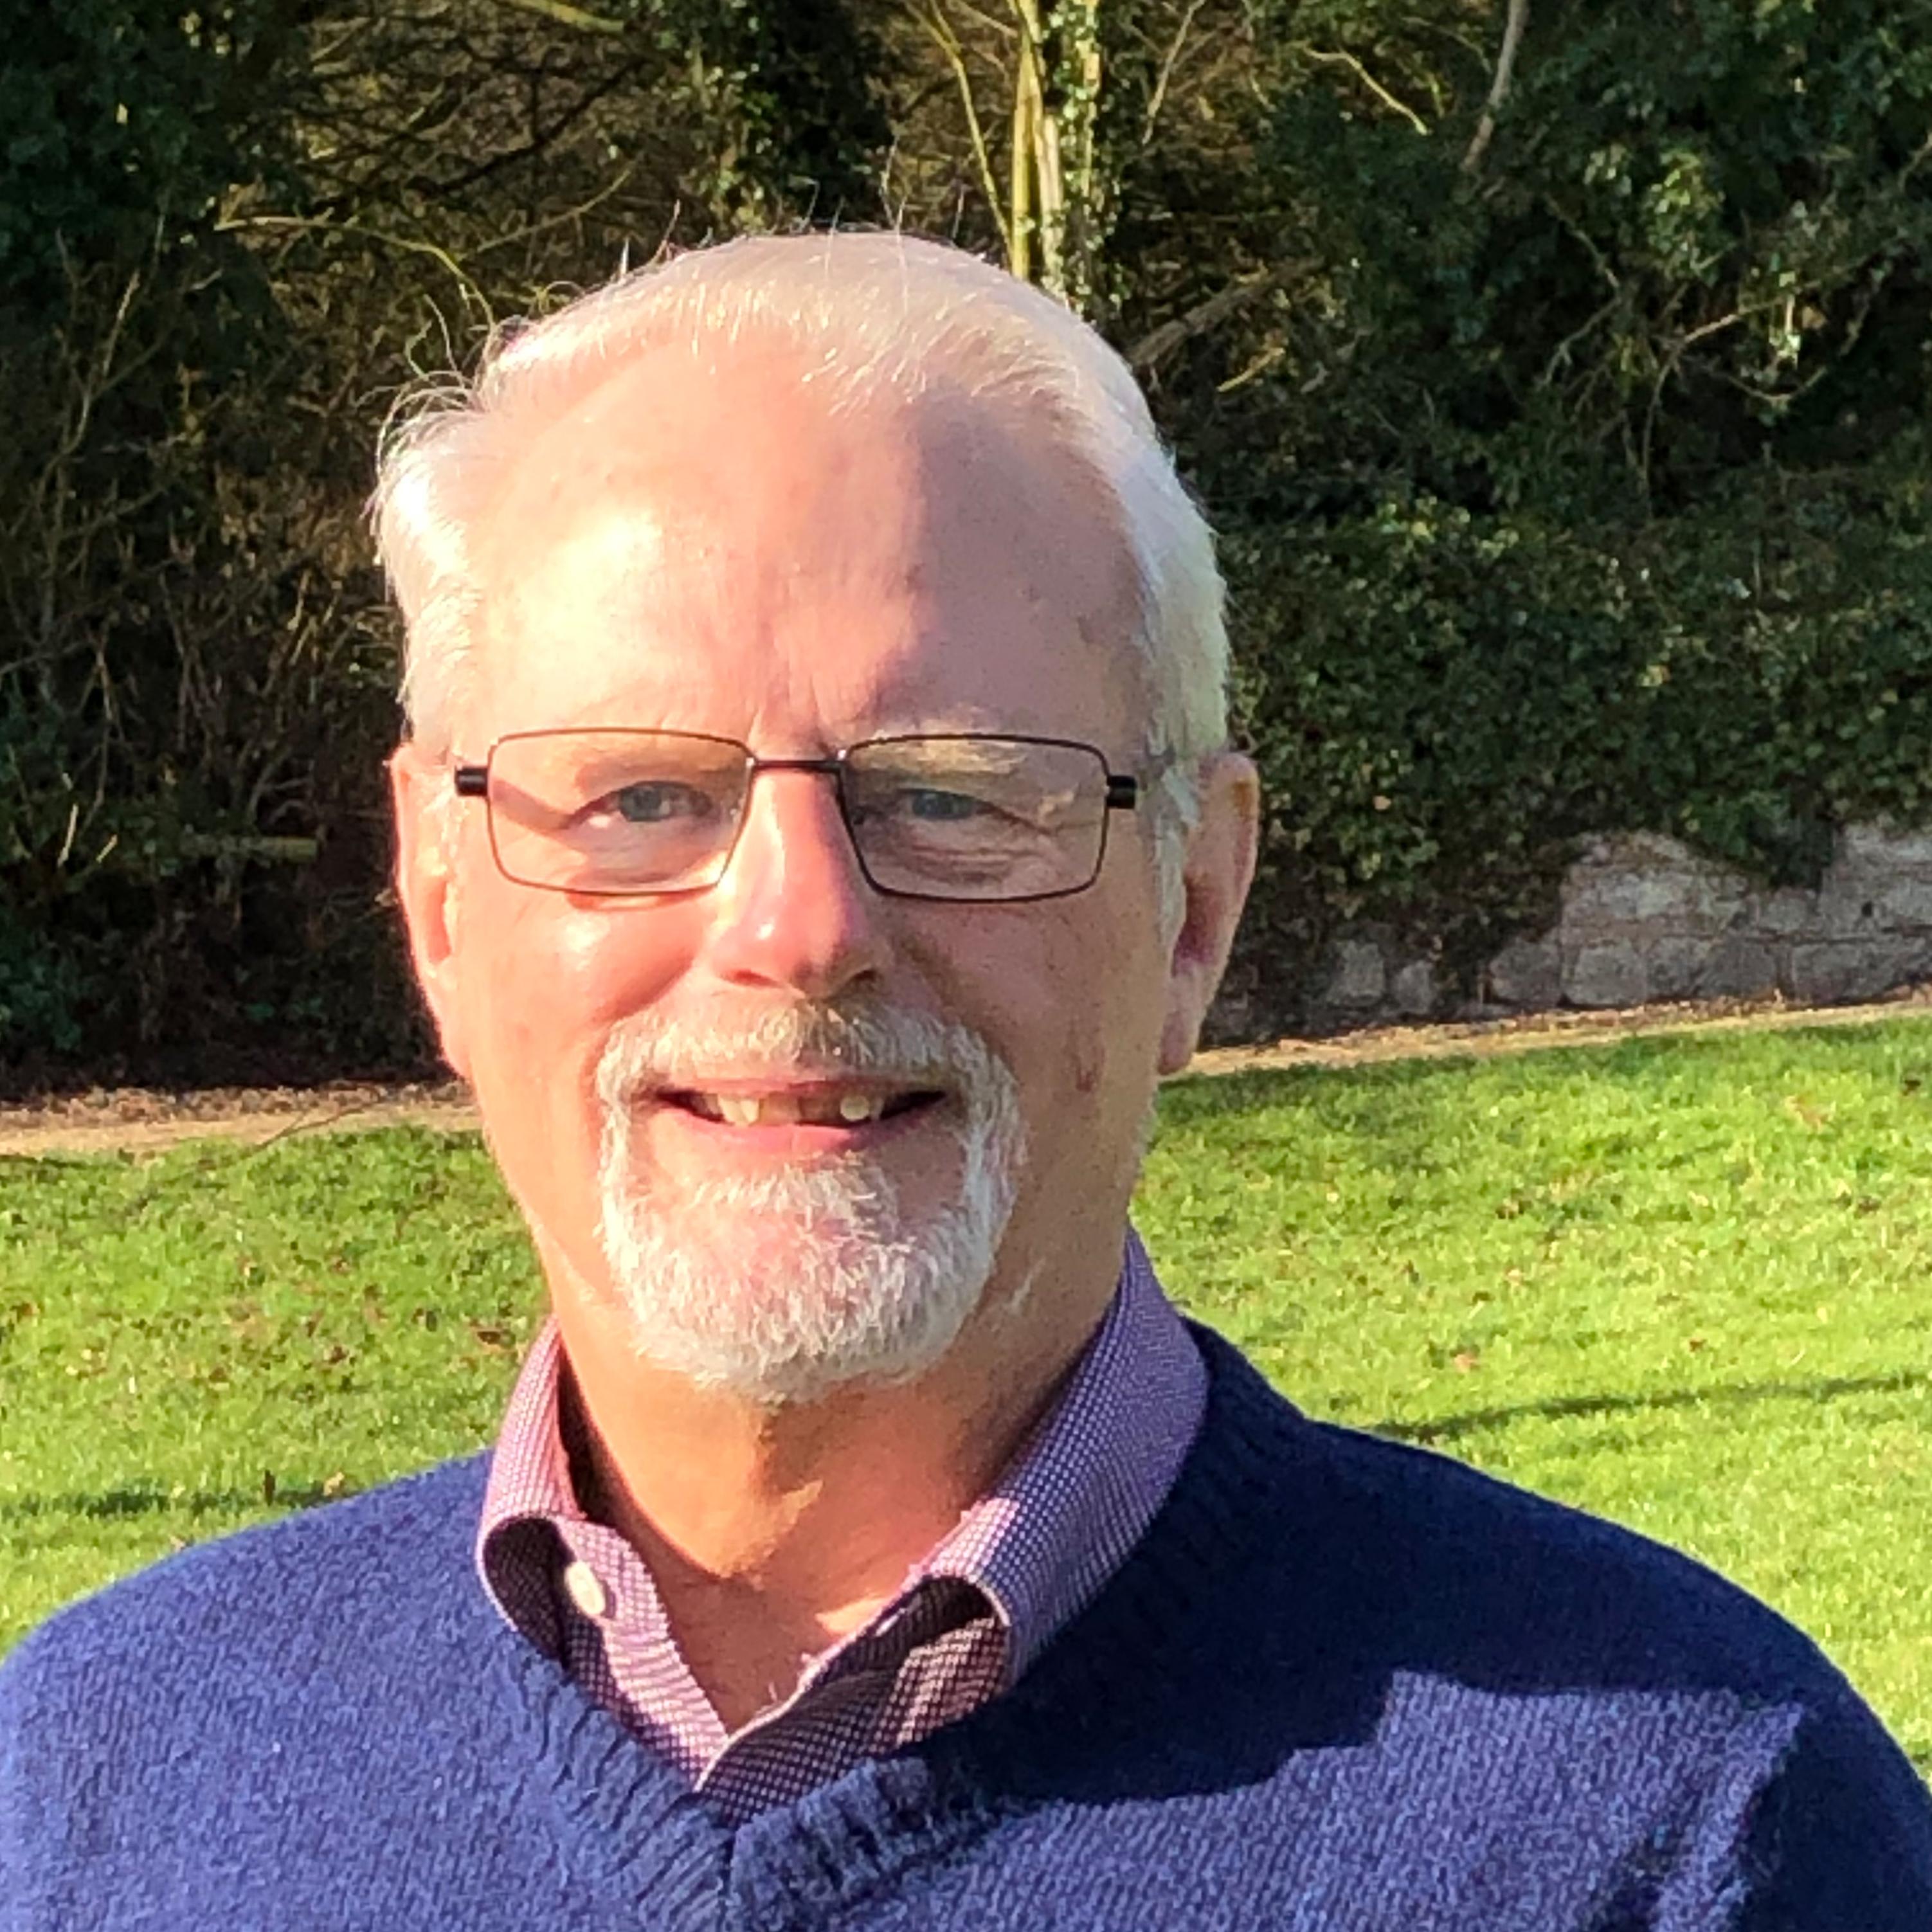 Portrait of Michael Davidson